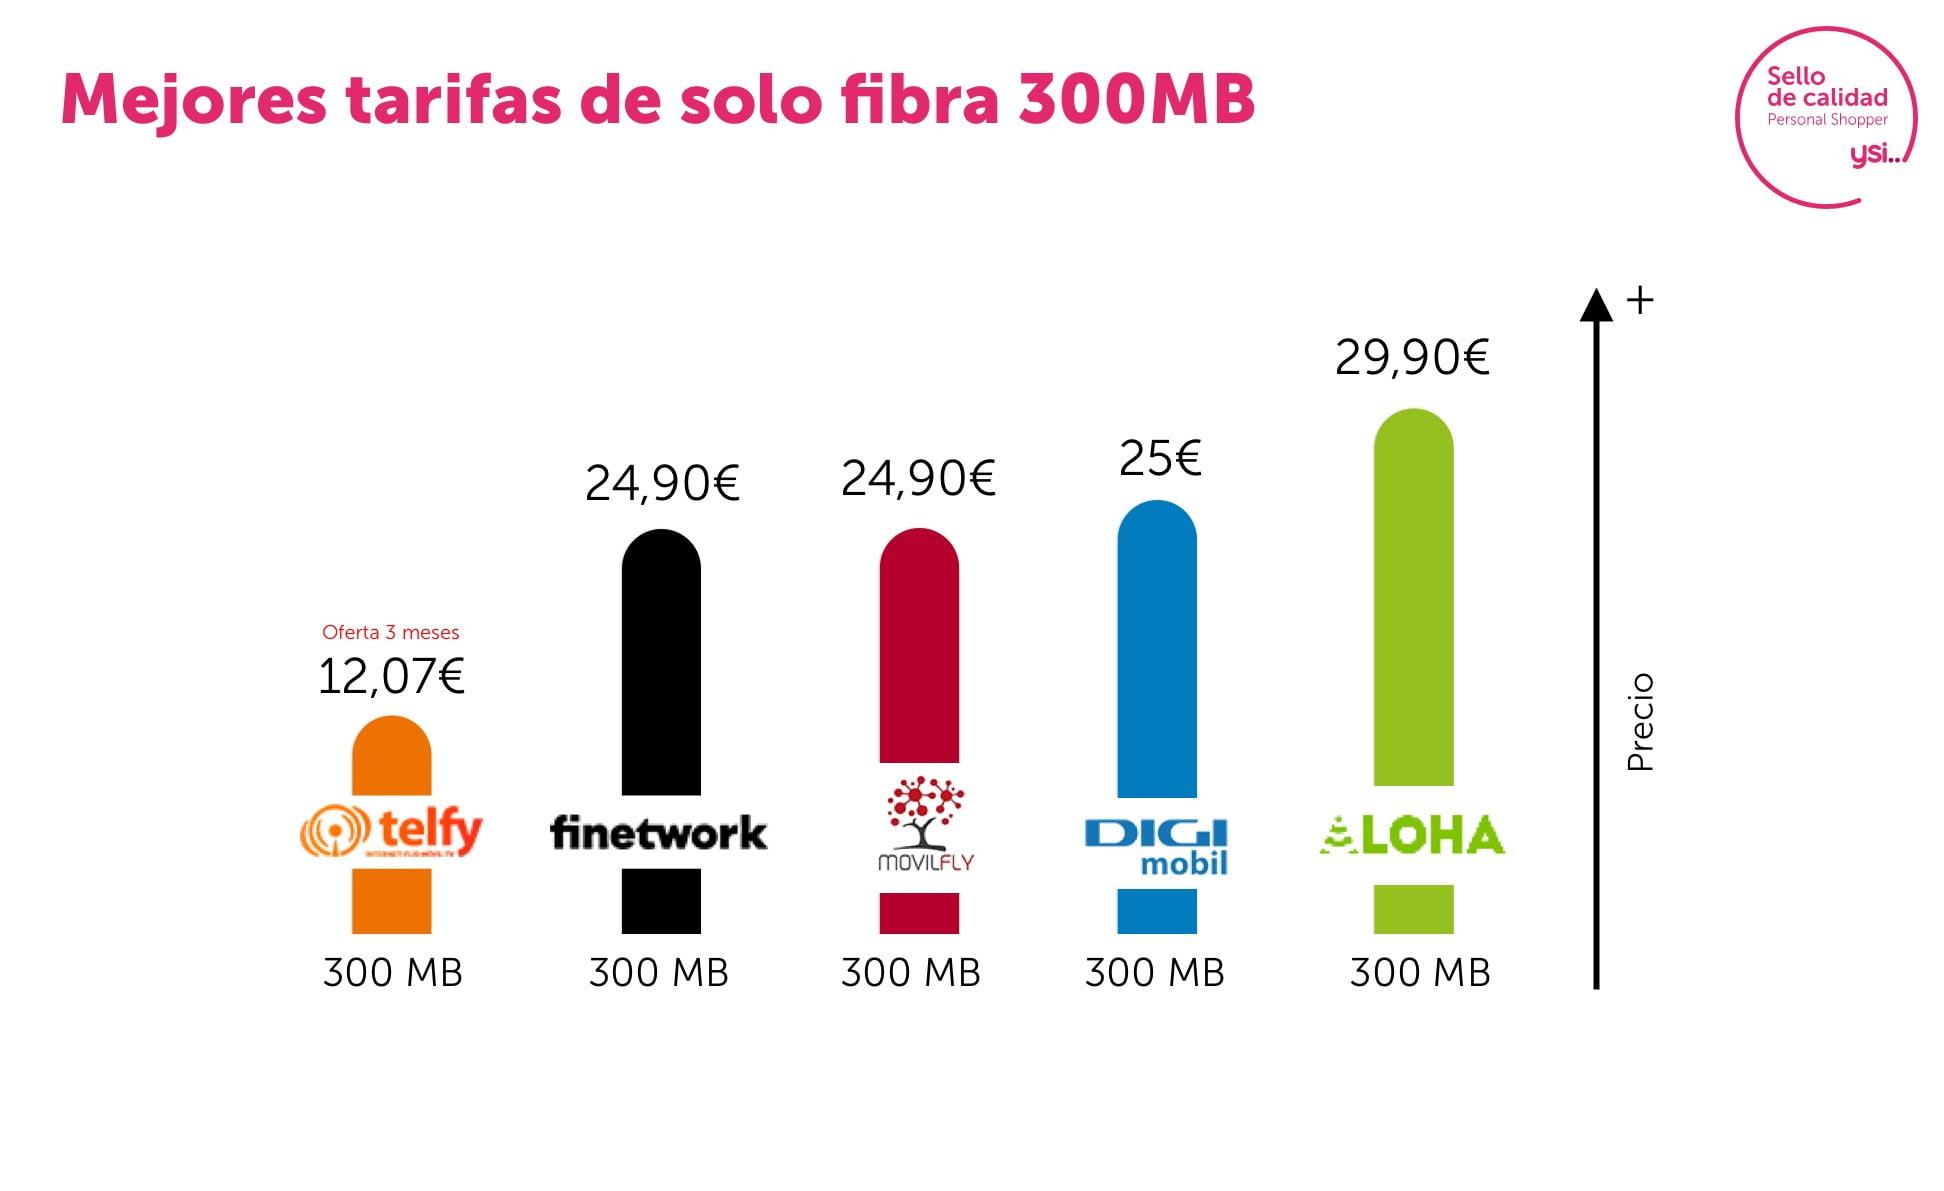 Mejores tarifas solo fibra 300Mb